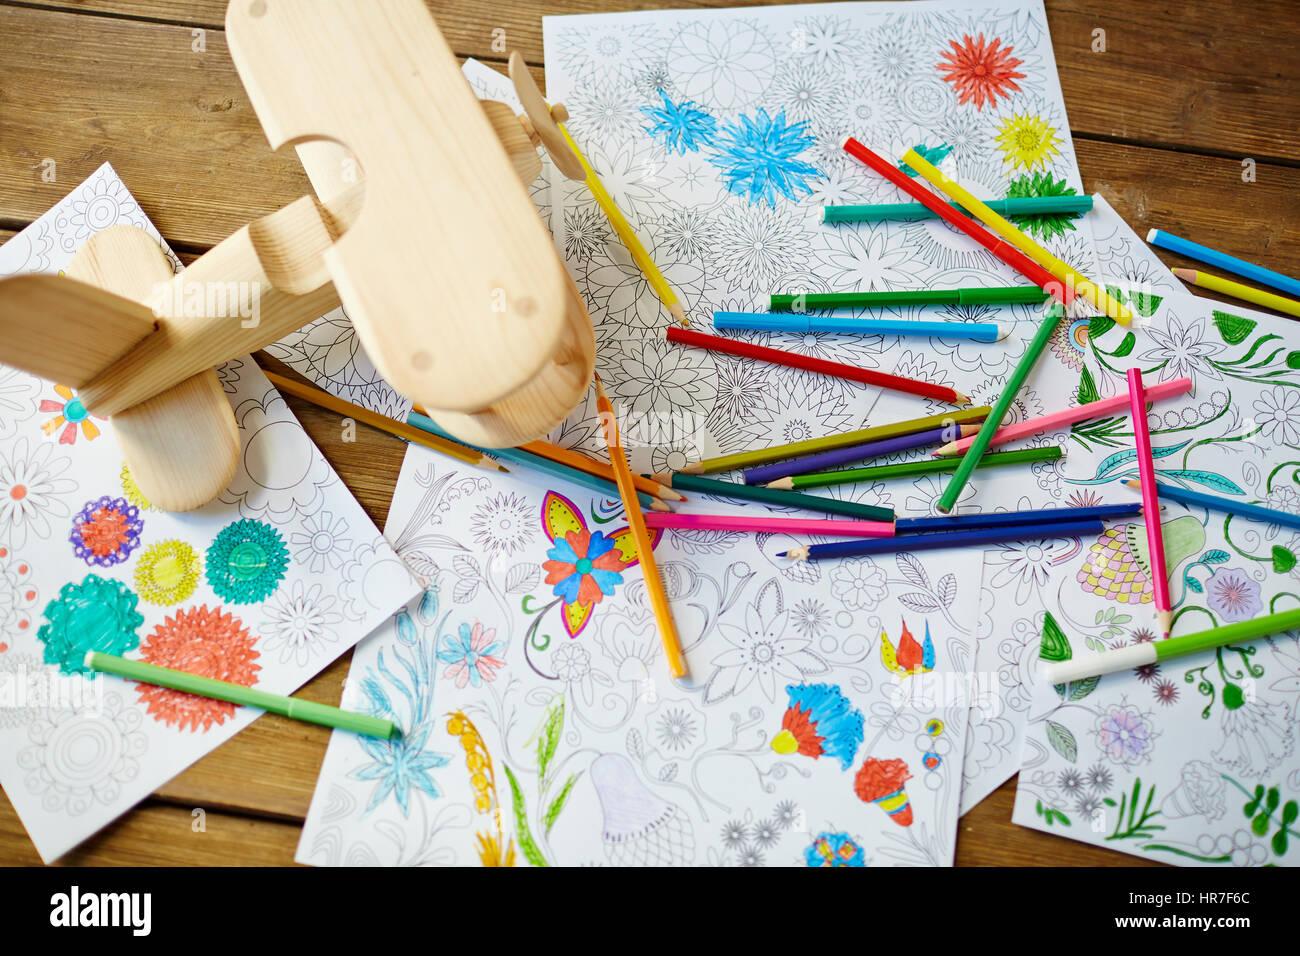 Feutre A Coloriage En Anglais.Crayons Feutres Pages De Livres A Colorier Jouet Avion